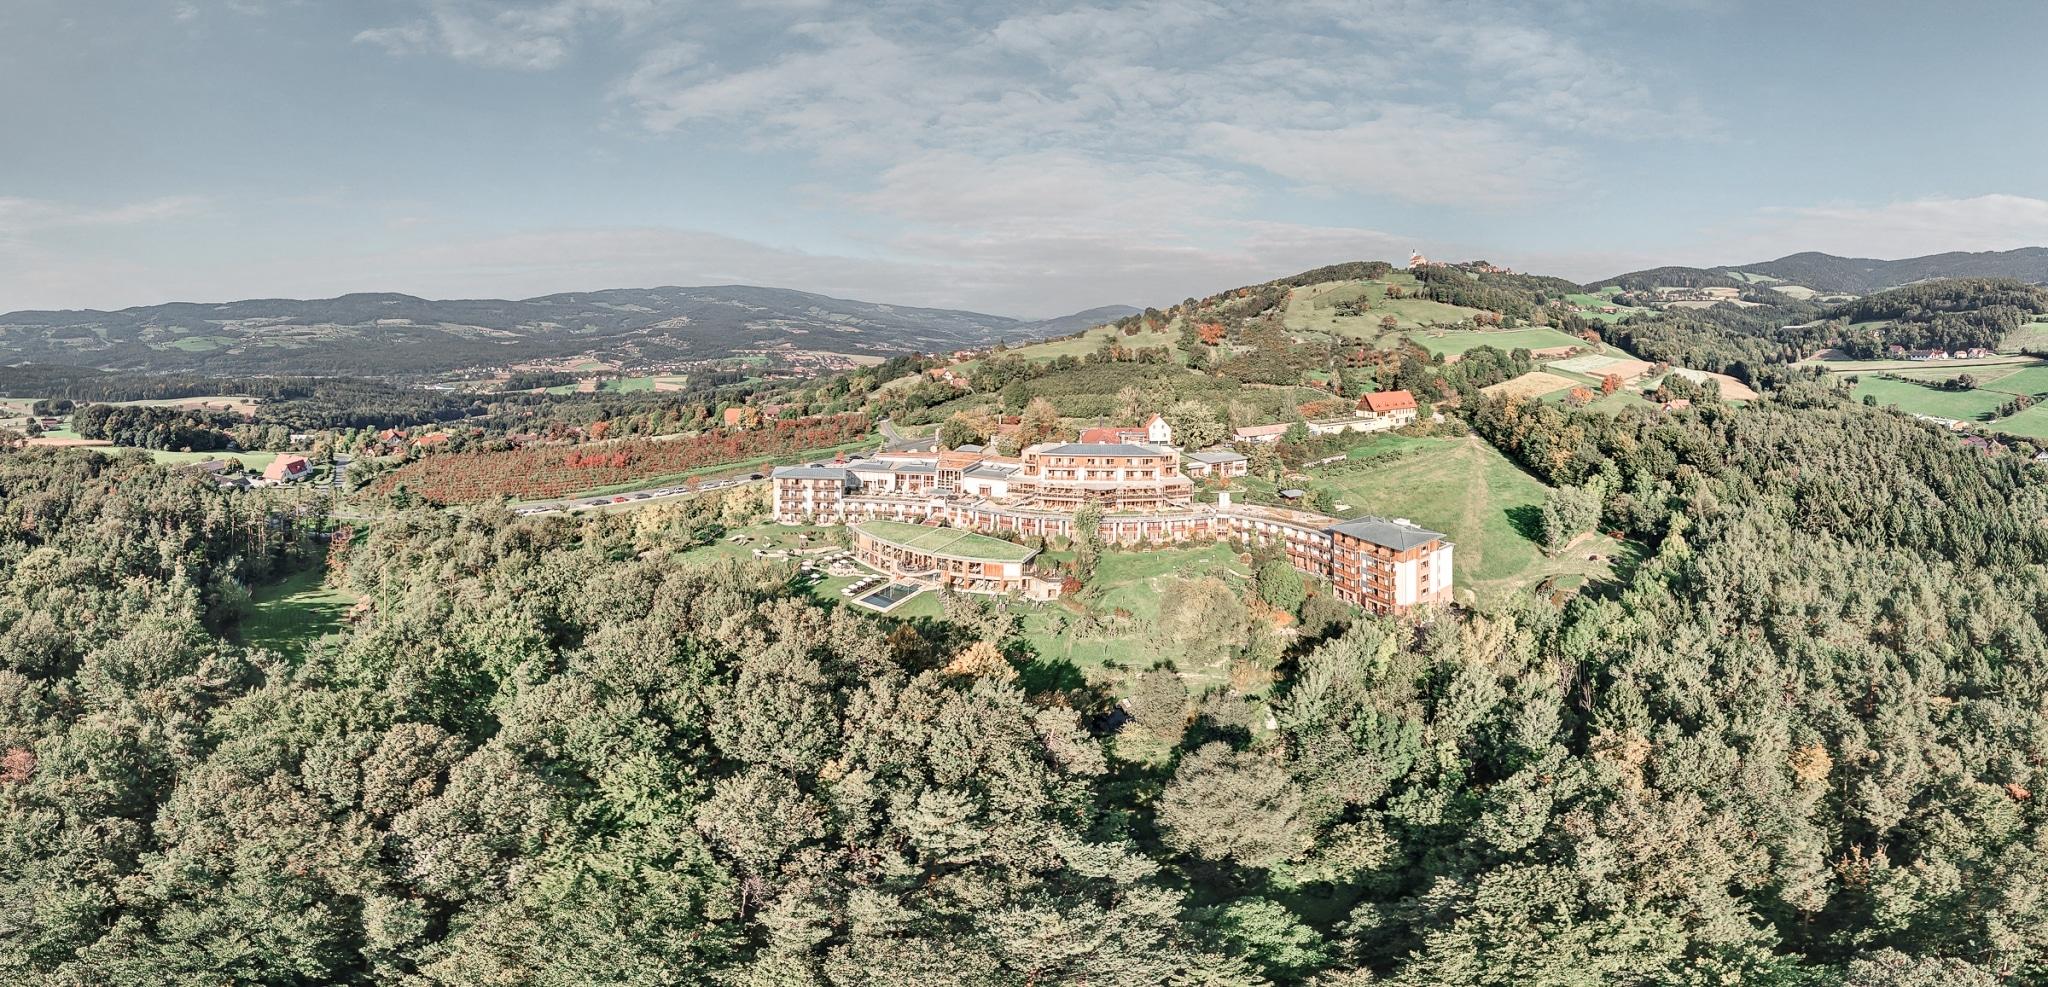 Panorma Flugbild von oben Biohotel Retter